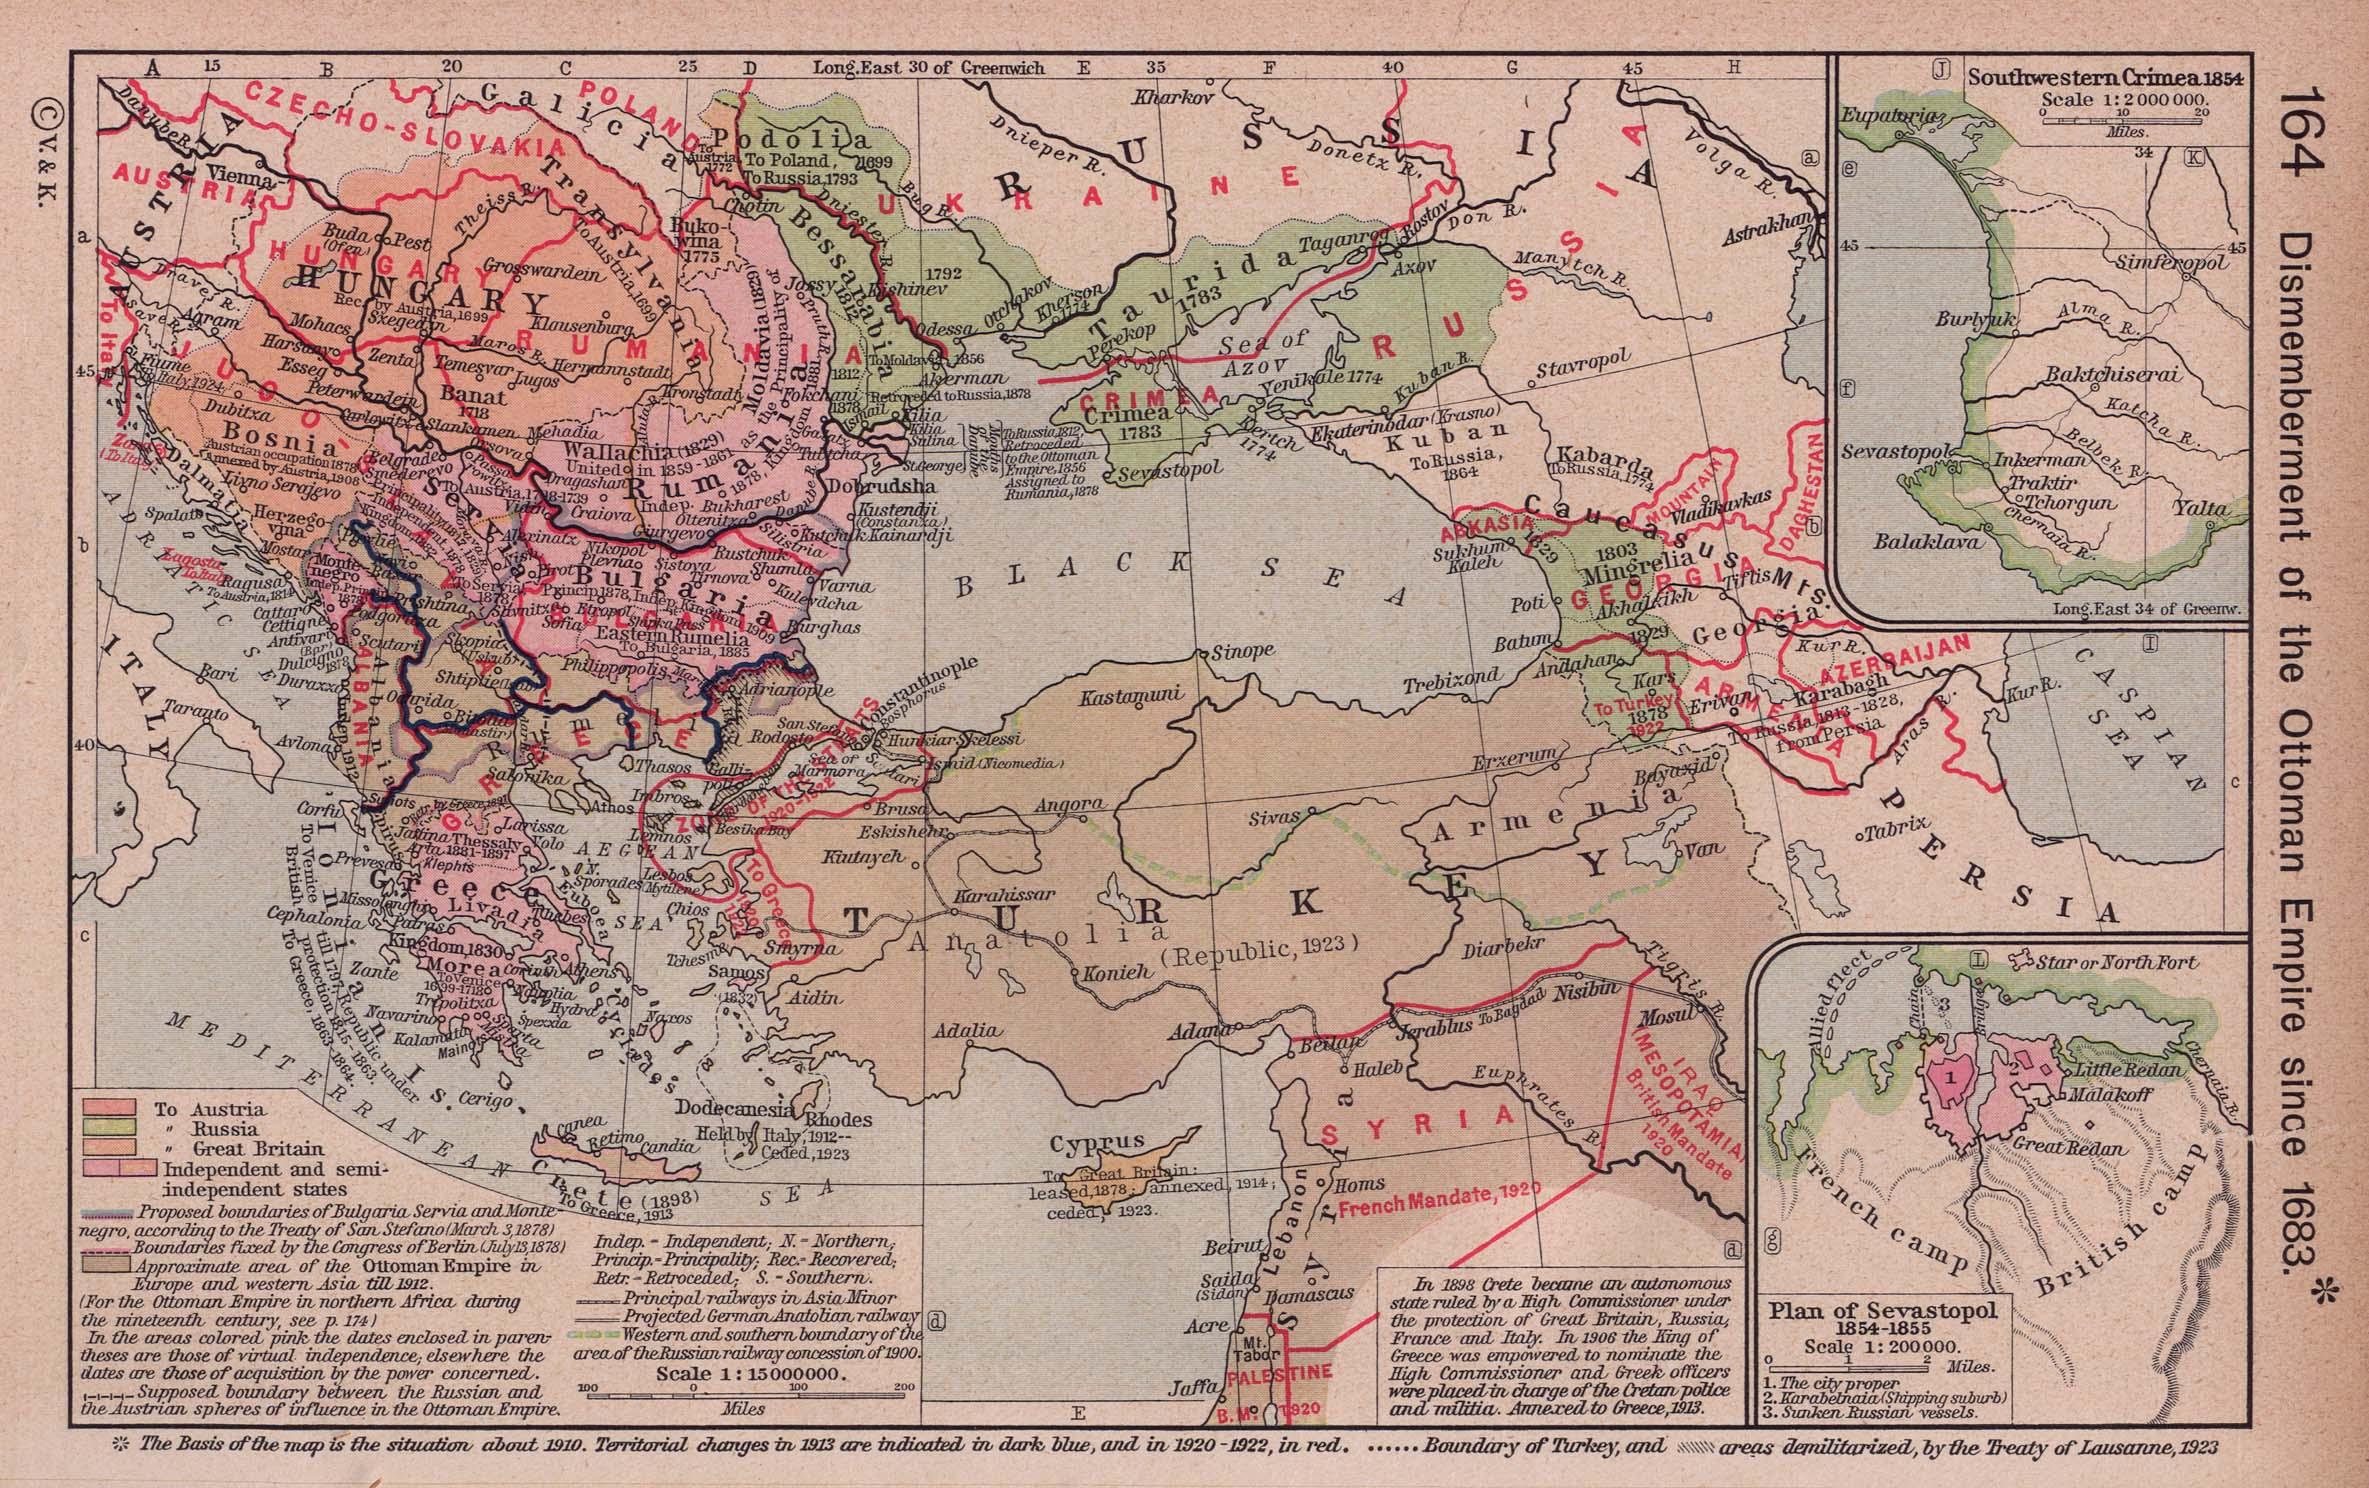 El desmembramiento del Imperio Otomano 1683-1923